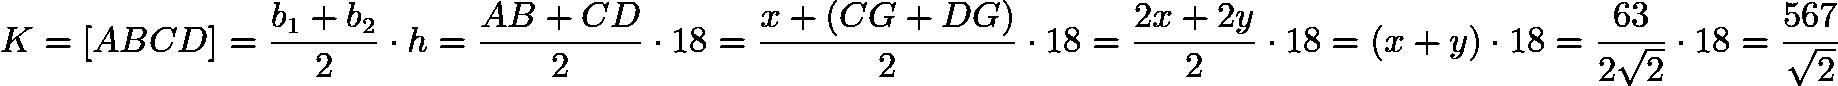 $K = [ABCD] = \frac{b_{1}+b_{2}}{2} \cdot h = \frac{AB+CD}{2} \cdot 18 = \frac{x+(CG+DG)}{2} \cdot 18 = \frac{2x+2y}{2} \cdot 18 = (x+y) \cdot 18 = \frac{63}{2\sqrt{2}} \cdot 18 = \frac{567}{\sqrt{2}}$